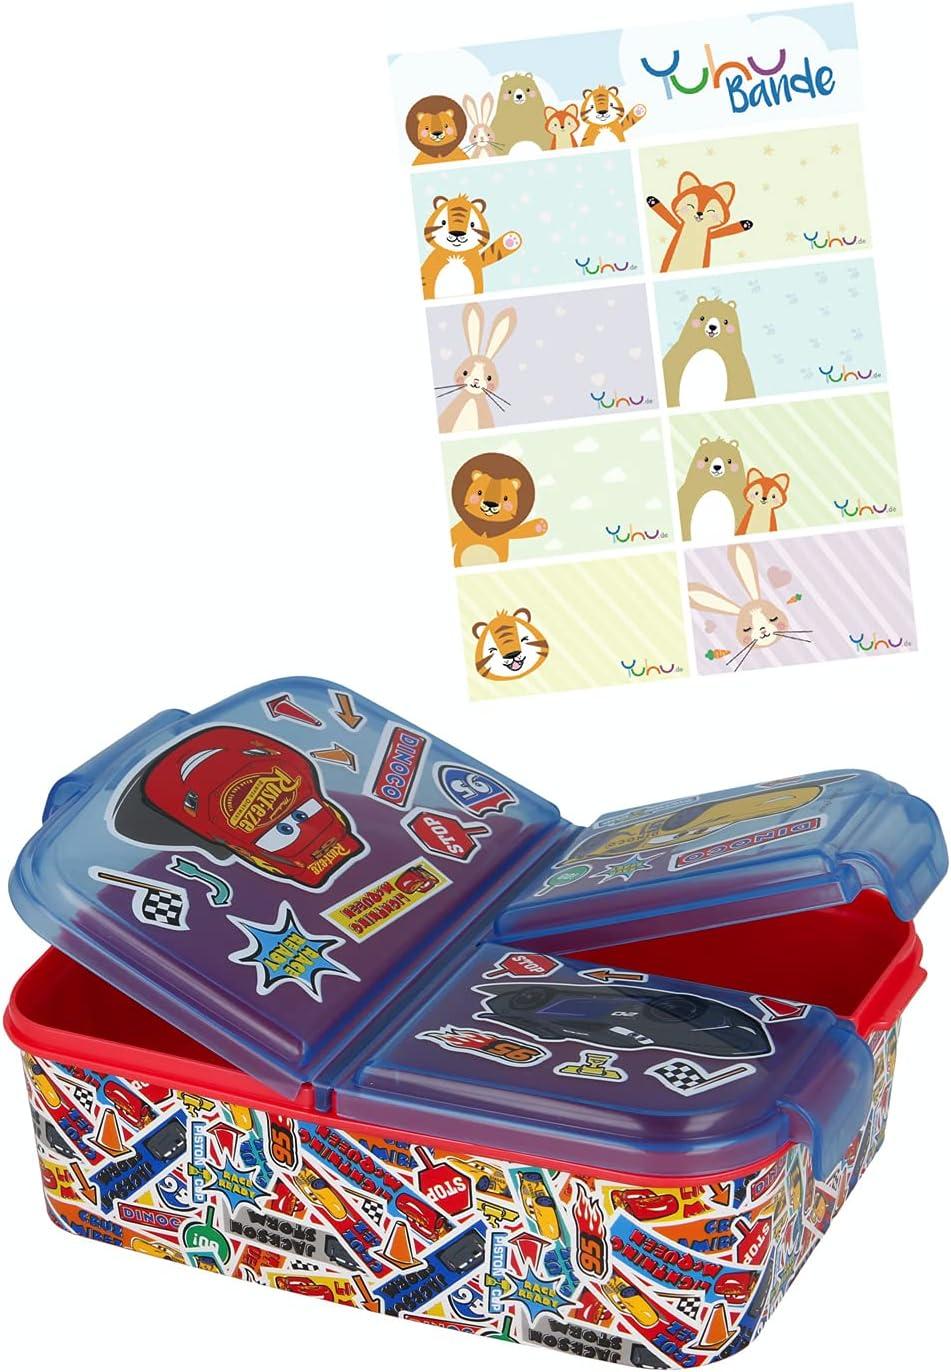 Cars caja de almuerzo fiambrera caja de comida para niños con 3 compartimentos separados + y pegatinas de nombre para niños